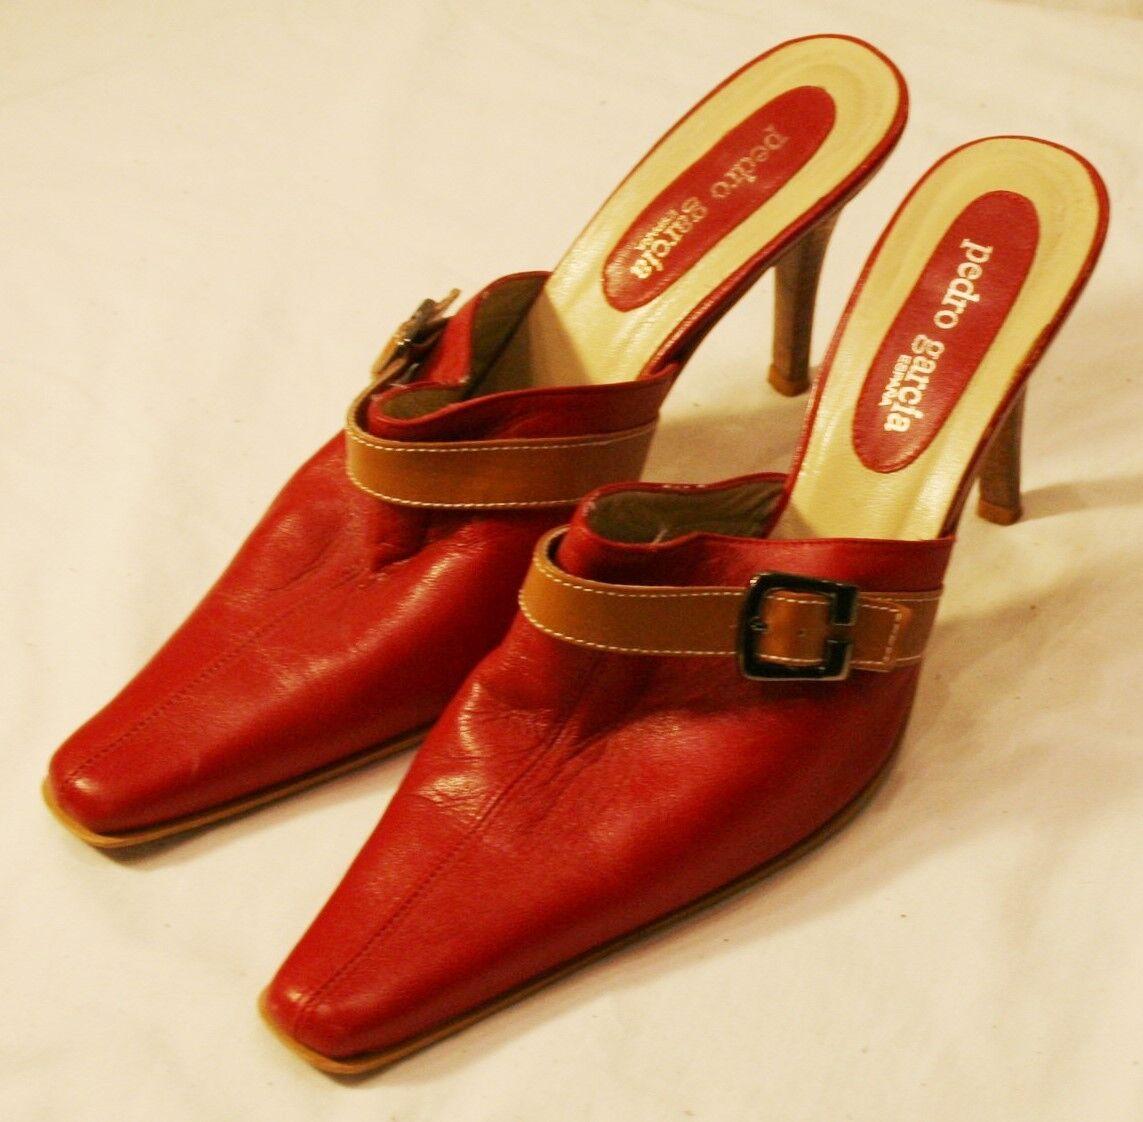 Pedro Garcia Dunkelrot Ferse Schuhe 9B 9 B Damen Schuhe Ferse Pumps Schnalle ohne Bügel 39fcb8